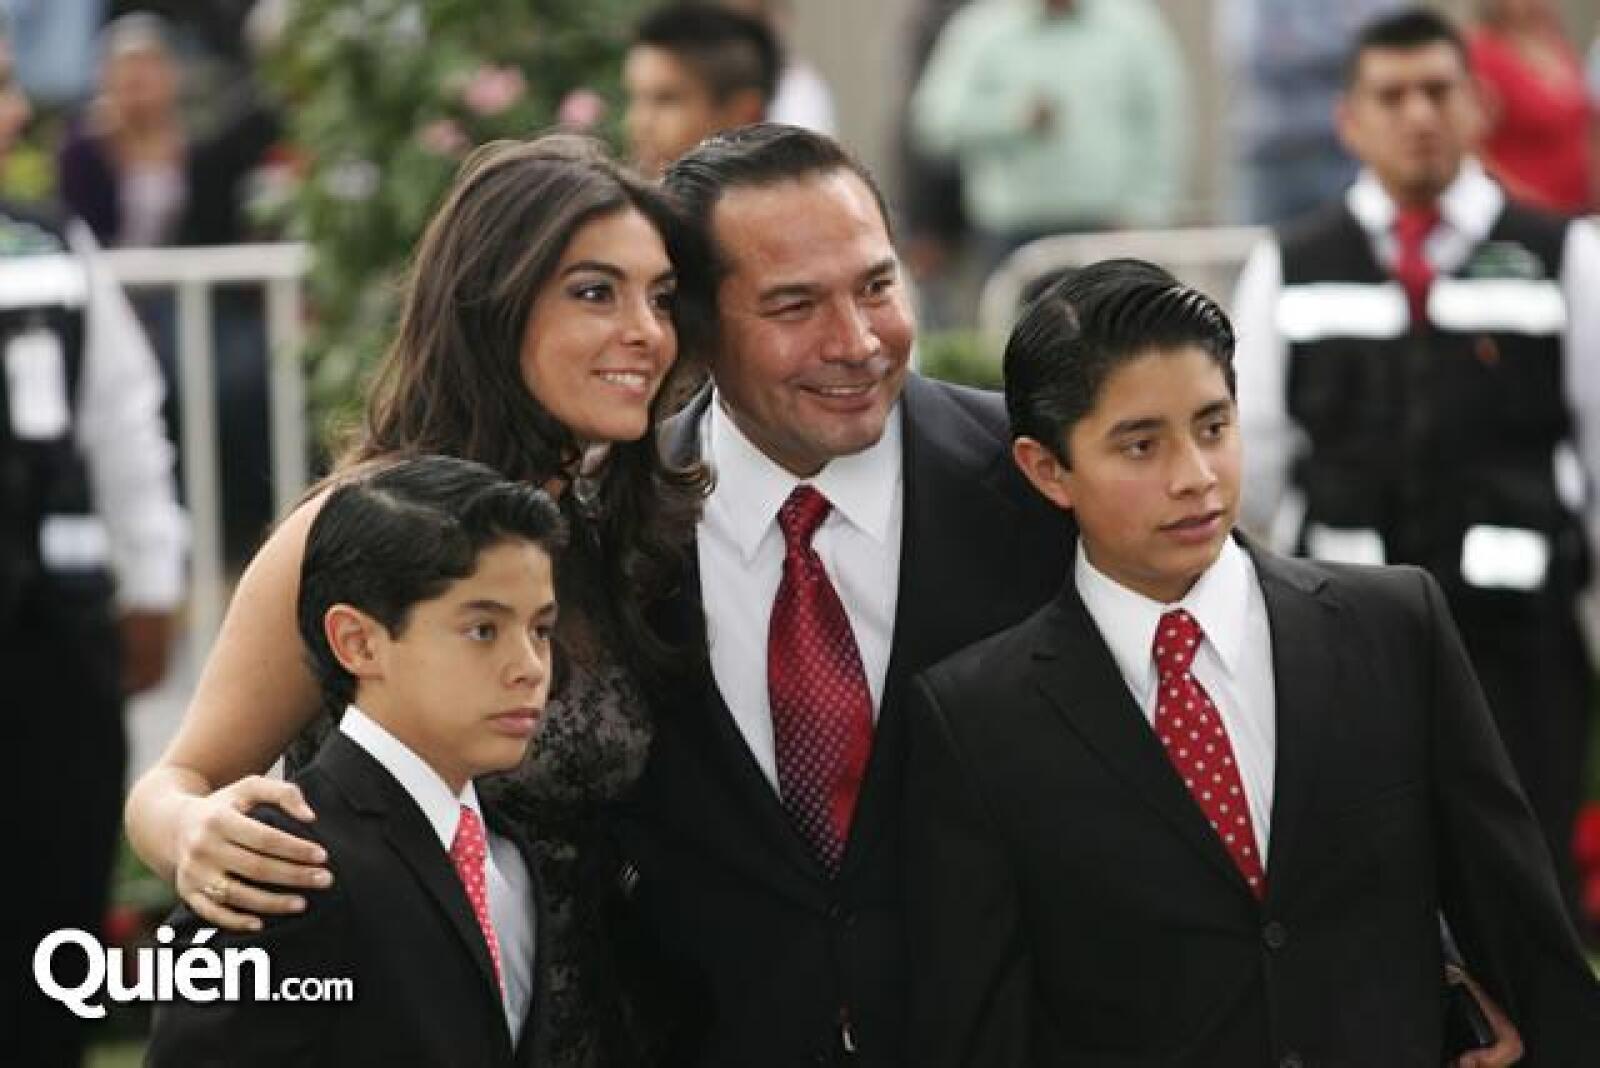 Invitados a la Boda de Enrique Peña Nieto y Angélica Rivera